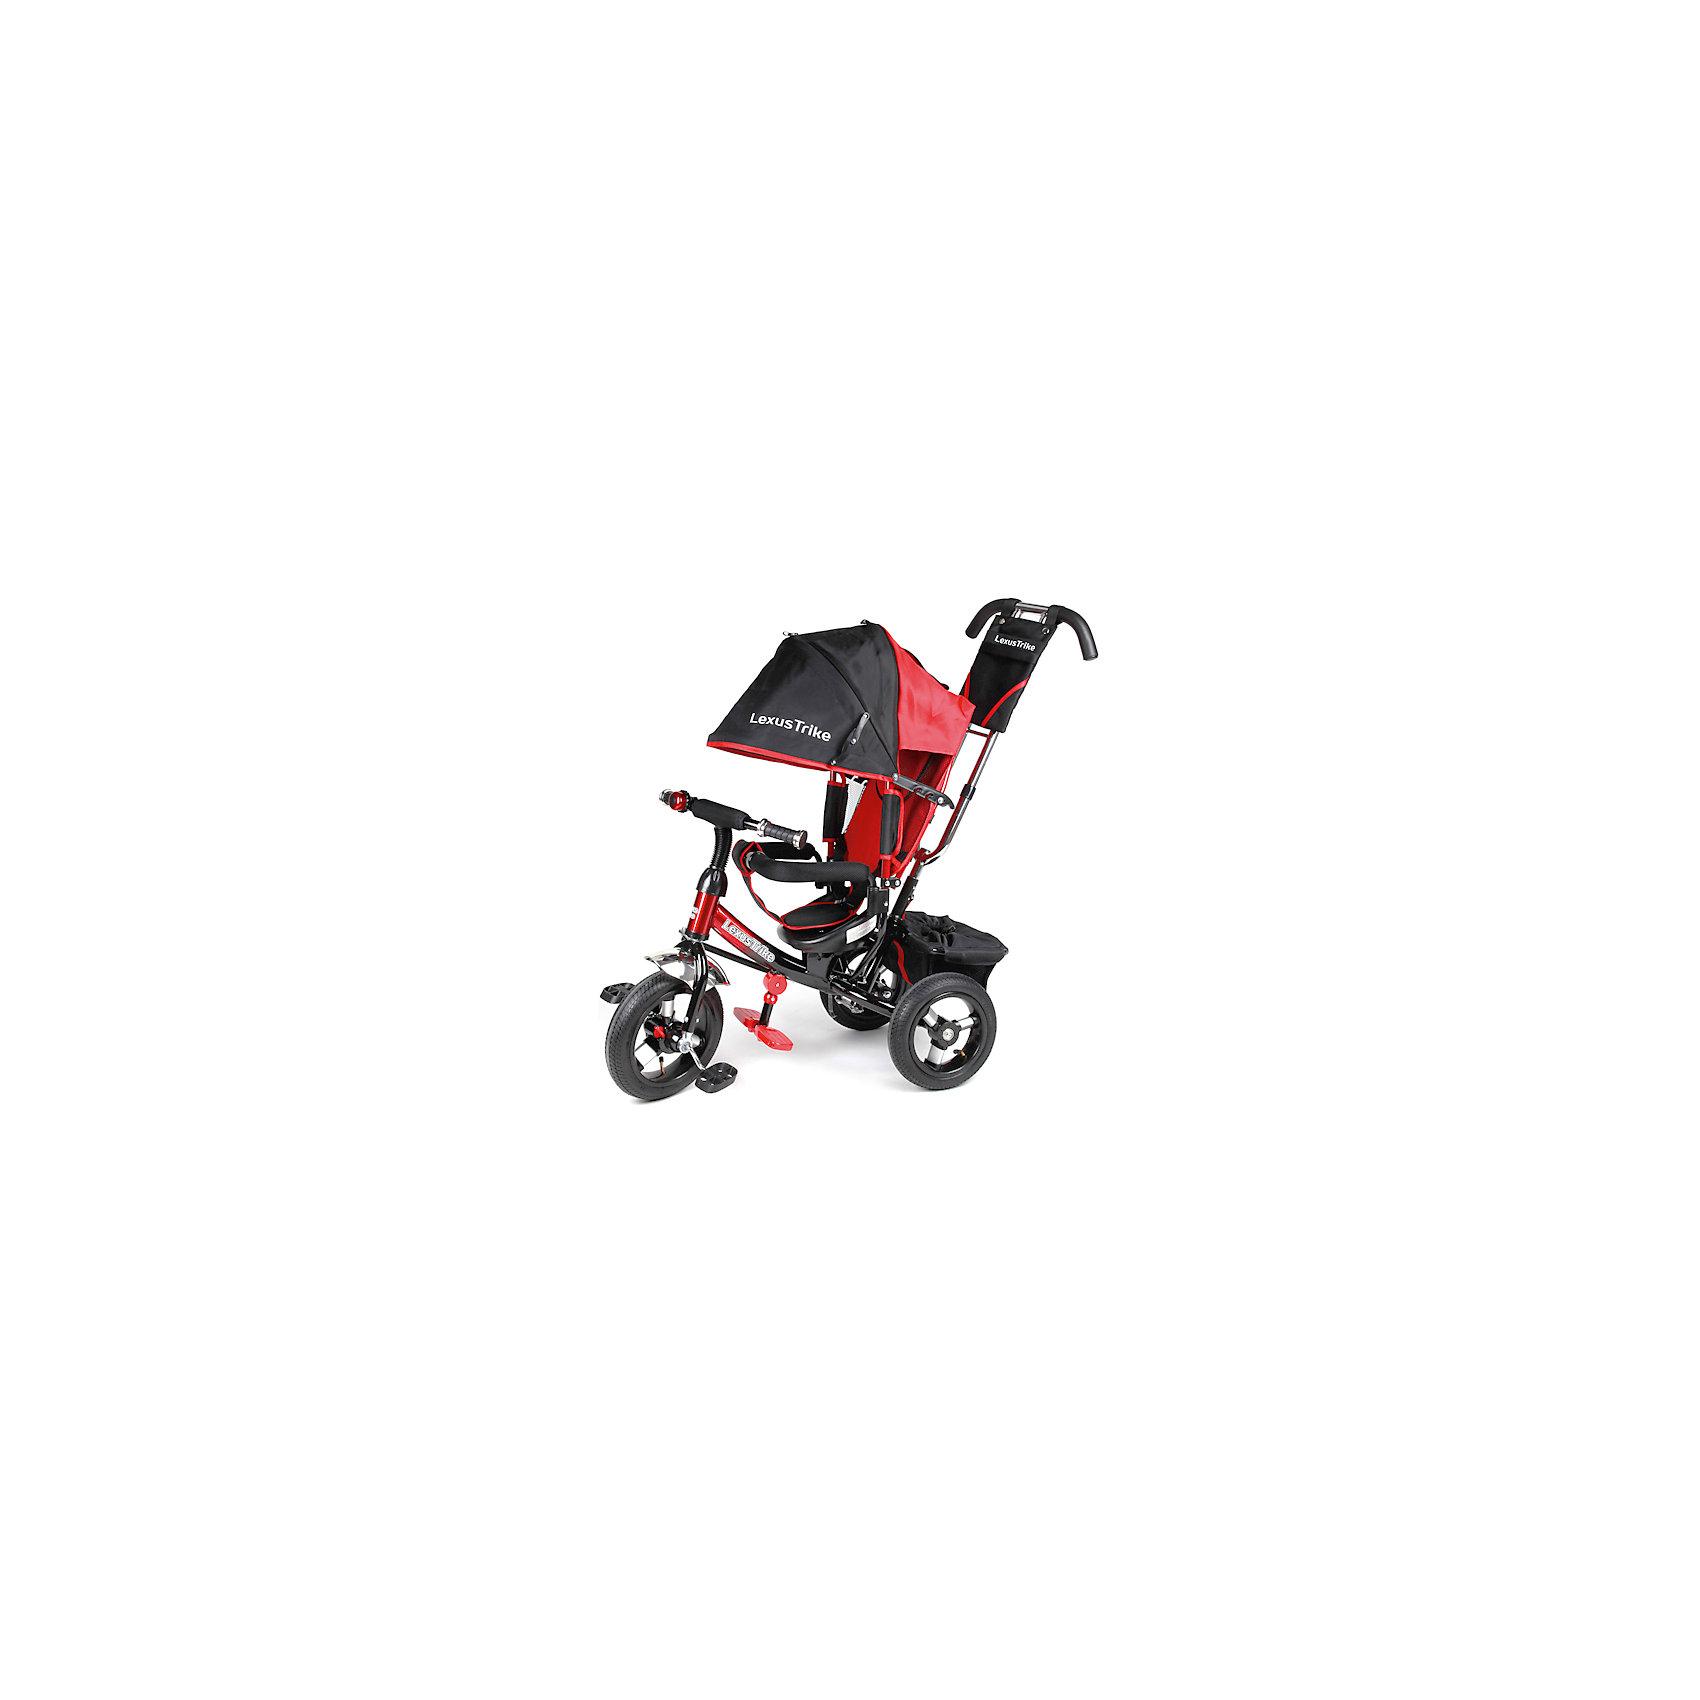 Трехколесный велосипед, с надувными колесами, красный+черный,  Lexus TrikeТрехколесный велосипед Super Trike идеальный вариант для веселых и увлекательных прогулок! Большие надувные колеса (из вспененного полиуретана) с закрытым подшипником обеспечивают отличную проходимость и амортизацию. Для родителей предусмотрена специальная ручка с регулировкой высоты, которая помогает управлять велосипедом, меняя угол поворота переднего колеса. Пятиточечные ремни безопасности, съемный бампер и регулируемая спинка обеспечат комфорт и защиту для малышей. Большой складной капюшон с сетчатым окошком убережет кроху от солнца или же мелкого дождя, а  большие эргономичные подножки, предотвращающие соскальзывание ножек ребенка, обеспечат комфорт и удобство. Велосипед имеет тормоз на задних колесах и корзину для вещей или игрушек. Модель оснащена блок-фарой с мощными светодиодами и желтыми указателями поворота и музыкальным блоком для малышей. Велосипед выполнен из прочных материалов, все текстильные элементы изготовлены из влагоустойчивой ткани, которая легко стирается. <br><br>Дополнительная информация:<br><br>- Материал: металл, пластик, текстиль.<br>- Размер: 47 x 110 x 81 см.<br>- Количество колес: 3.<br>- Надувные колеса: d - 12 и 10 дюймов.<br>- Электронная панель на руле со звуком и светом<br>- Регулируемая по высоте родительская ручка, управляющая передним колесом.<br>- Бампер перед ребенком.<br>- Регулируемая спинка (3 положения).<br>- Пятиточечный ремень безопасности<br>- Складной капюшон с сетчатым окошком.<br>- Мягкий съемный чехол на сиденье.<br>- Складные подножки.<br>- Функция свободного колеса (при включении переключателя педали не вращаются во время движения).<br>- Надежный стояночный тормоз.<br>- Прочная багажная корзина.<br>- Бампер, капюшон, подножки, ручка съемные. <br>- Максимальный вес ребенка: 35 кг.<br><br>Трехколесный велосипед, с надувными колесами, красный+черный, Super Trike , можно купить в нашем магазине.<br><br>Ширина мм: 300<br>Глубина мм: 630<br>Высот